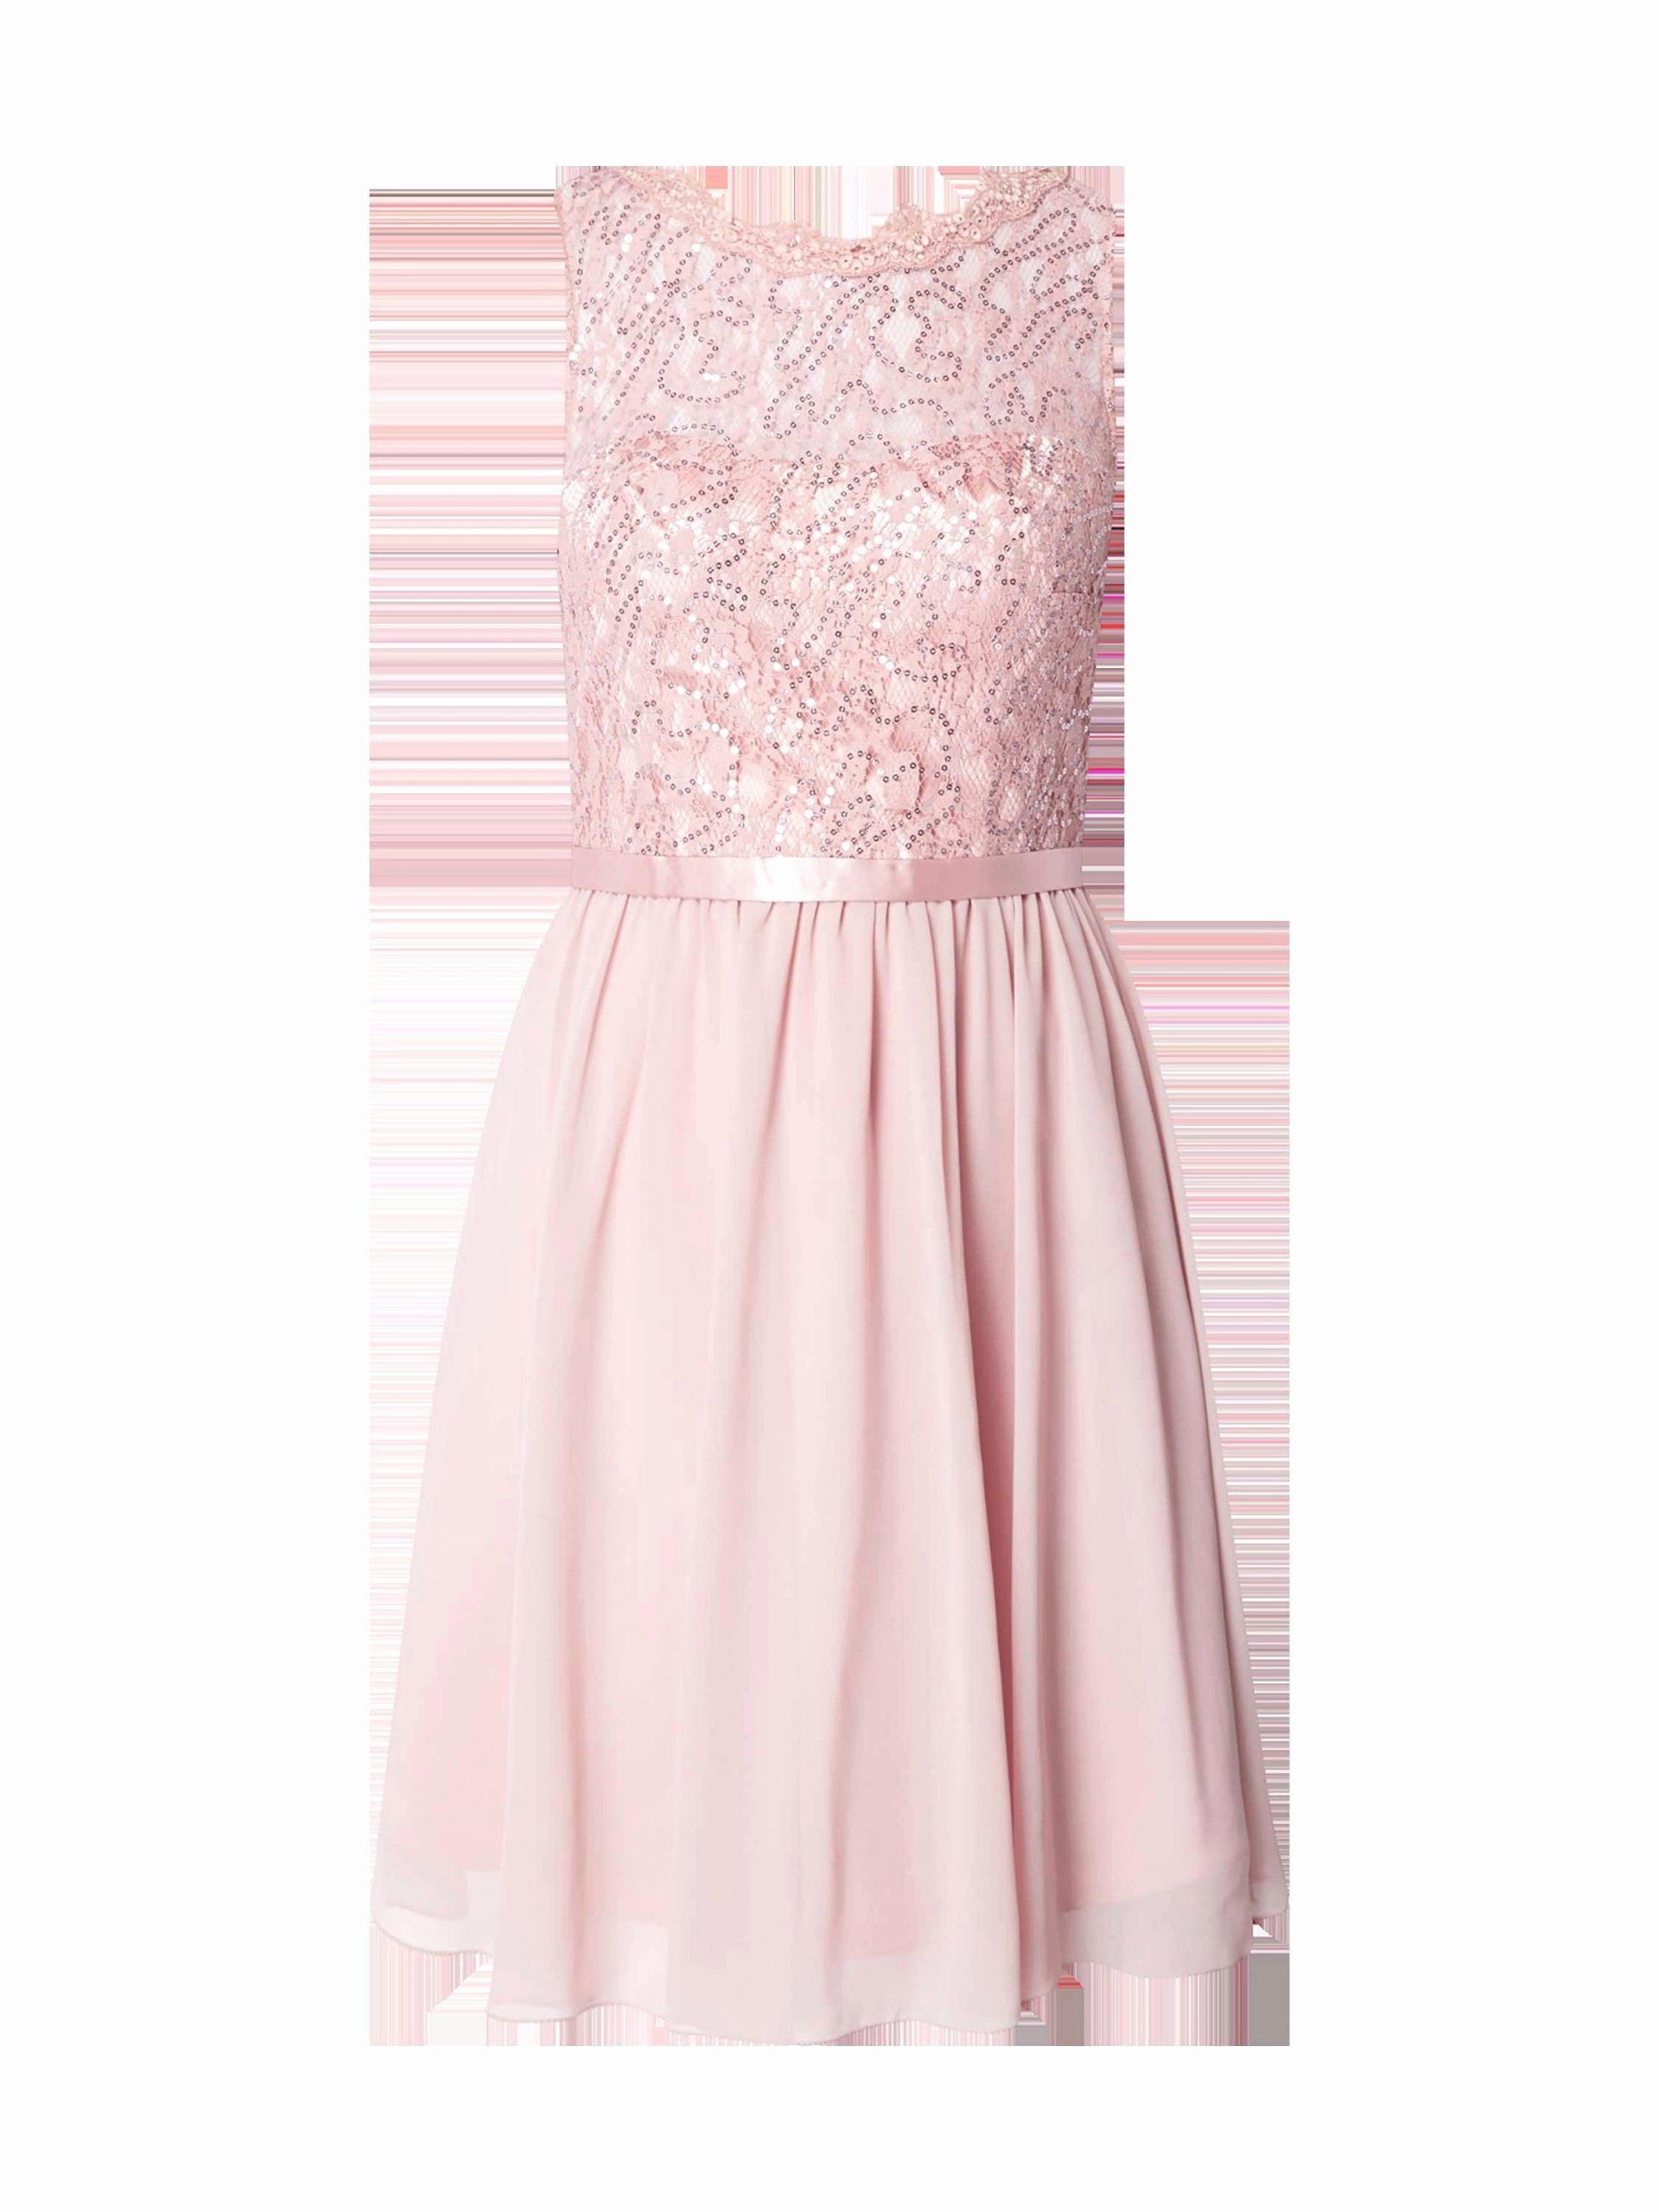 13 Genial Abendkleider Auf Rechnung StylishFormal Leicht Abendkleider Auf Rechnung Design